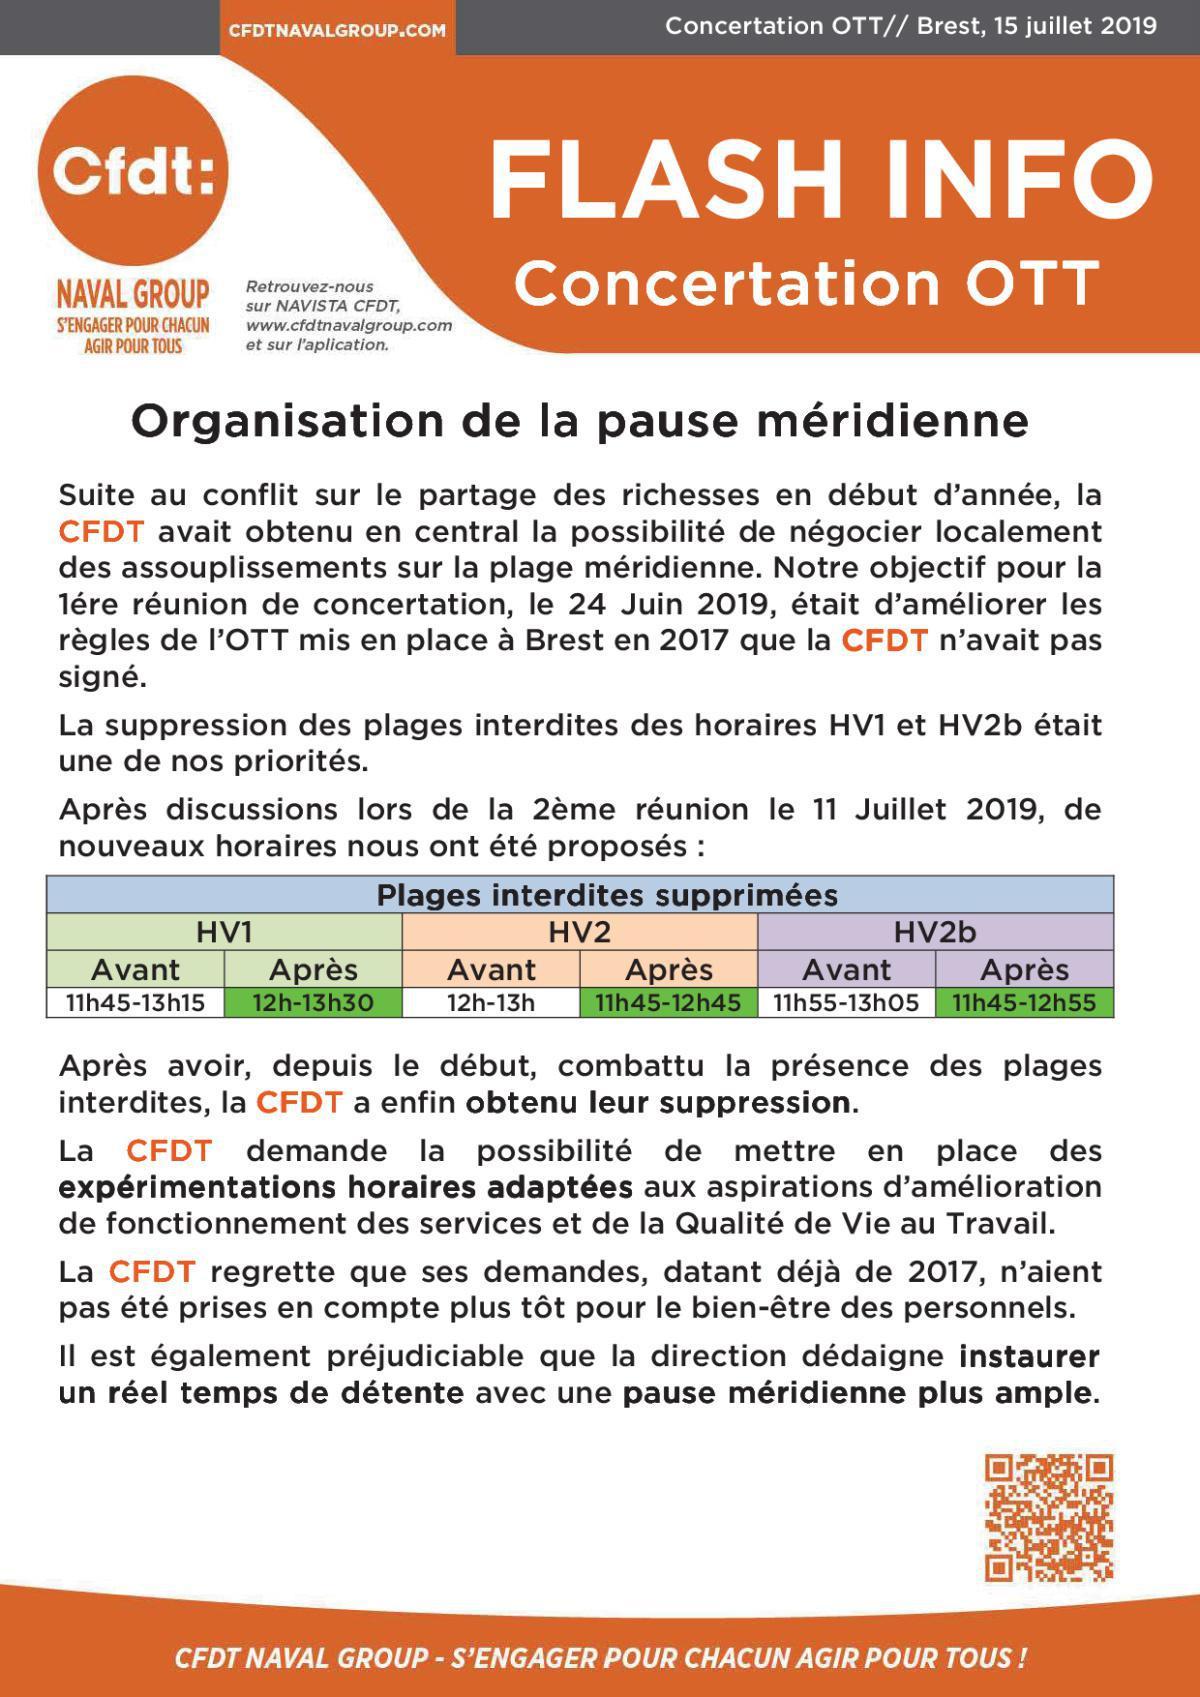 Concertation OTT Brest